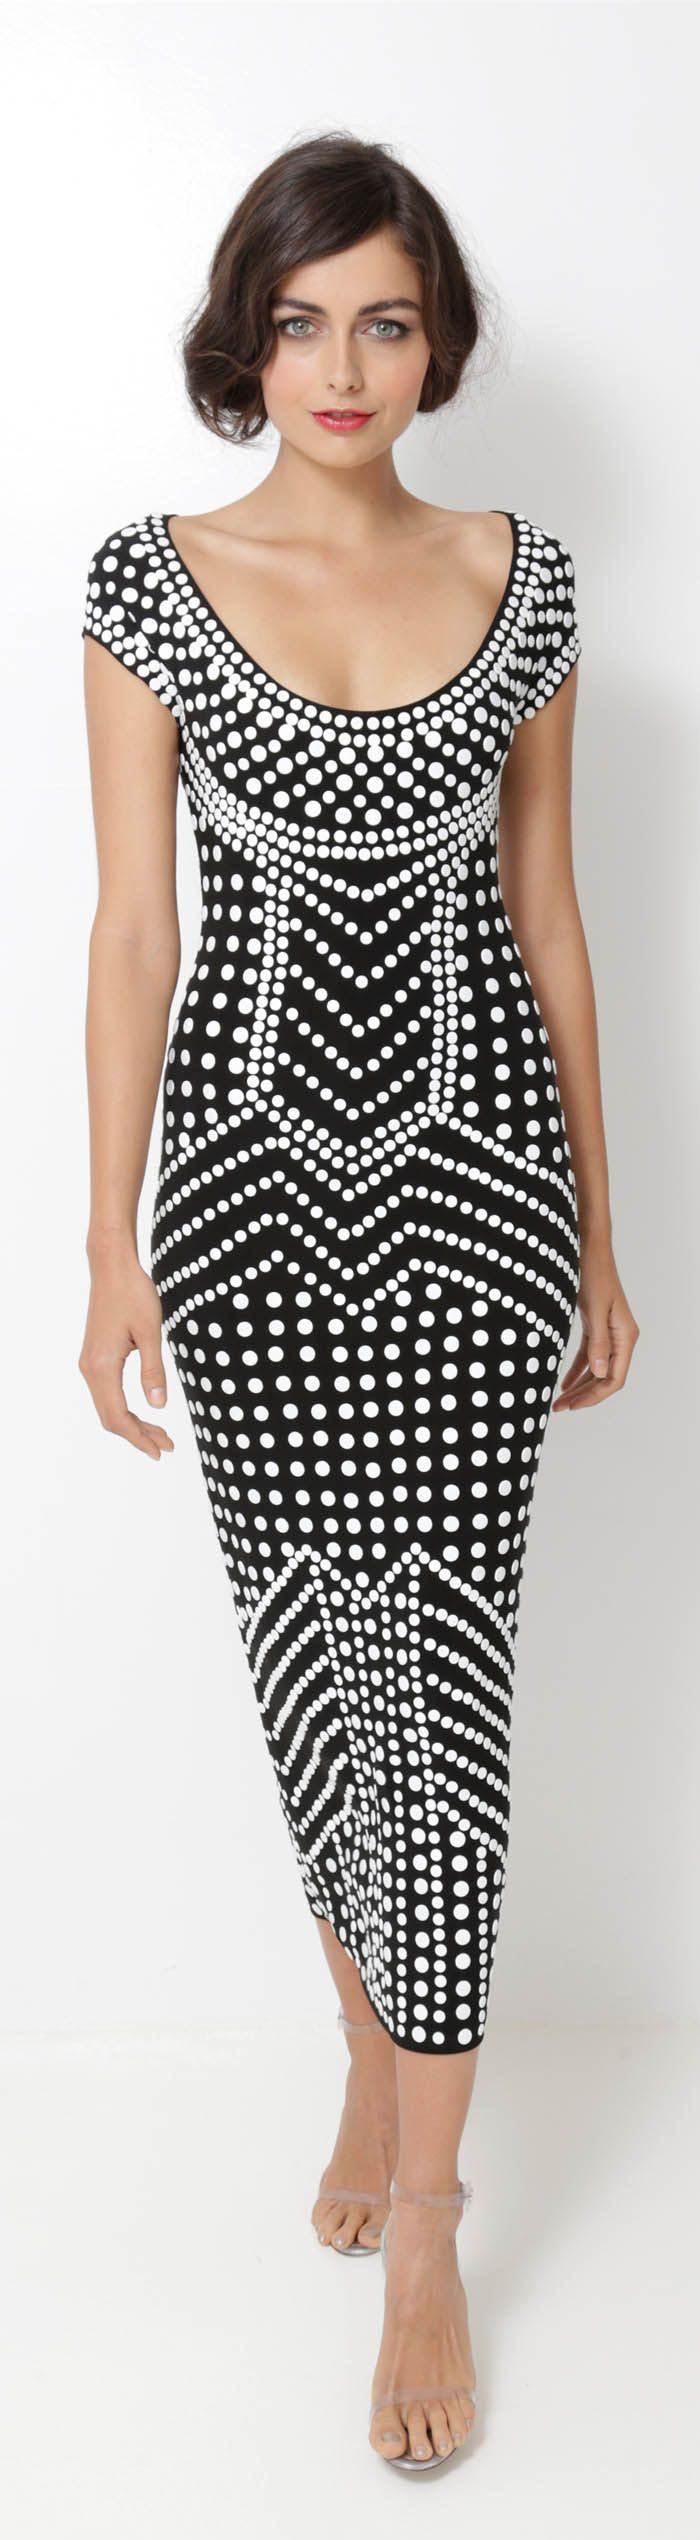 Norma Kamali - Spring/Summer, 2013 rtw  Poá forma uma estampa étnica, em preto e branco, criativo!!!